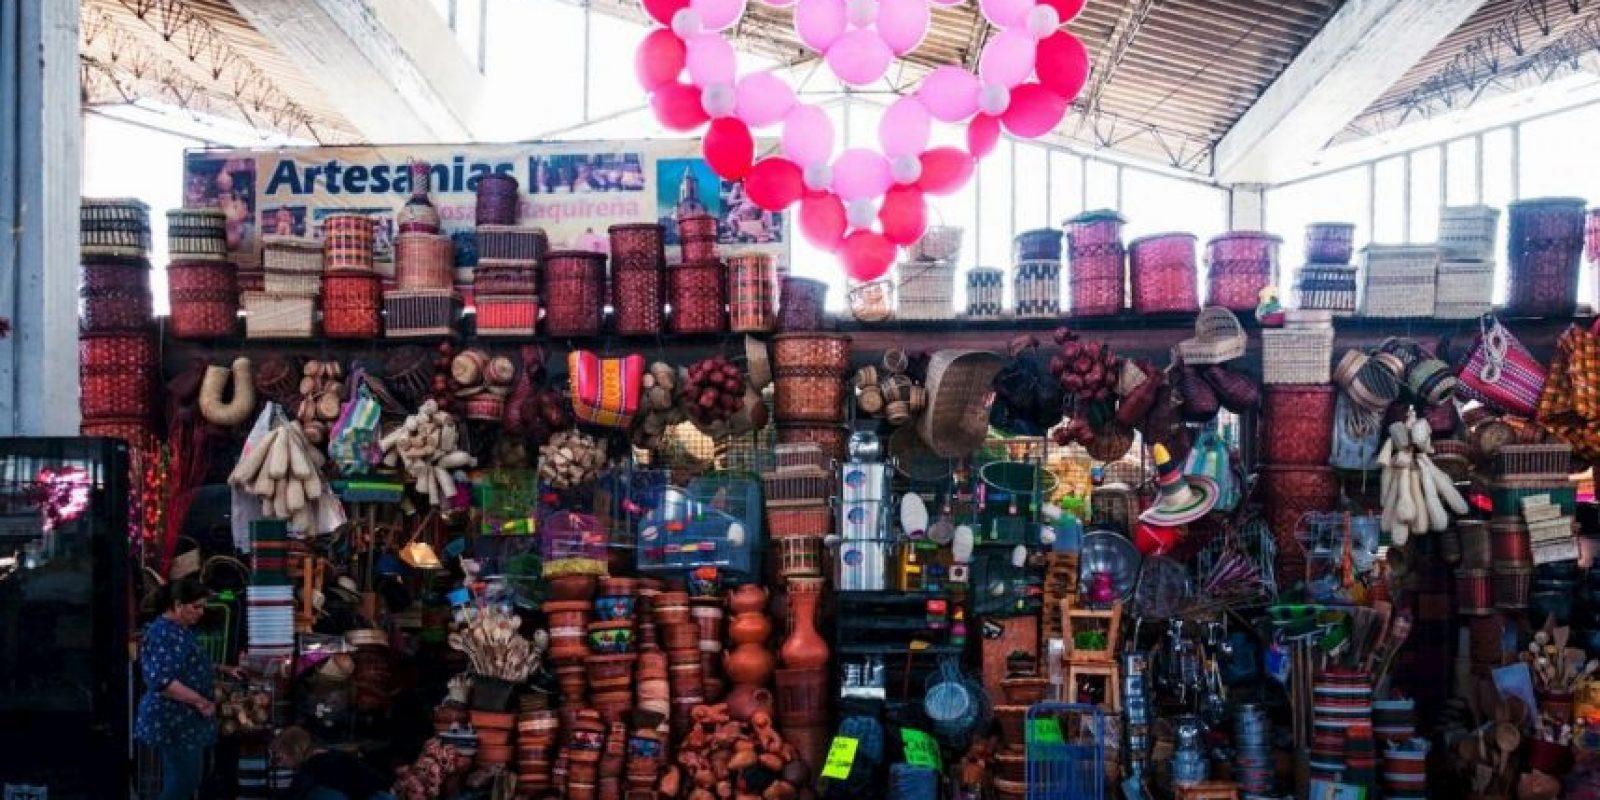 País: Colombia / Categoría: Amor de Ciudad Foto:David Sebastian Cardenas Apraez